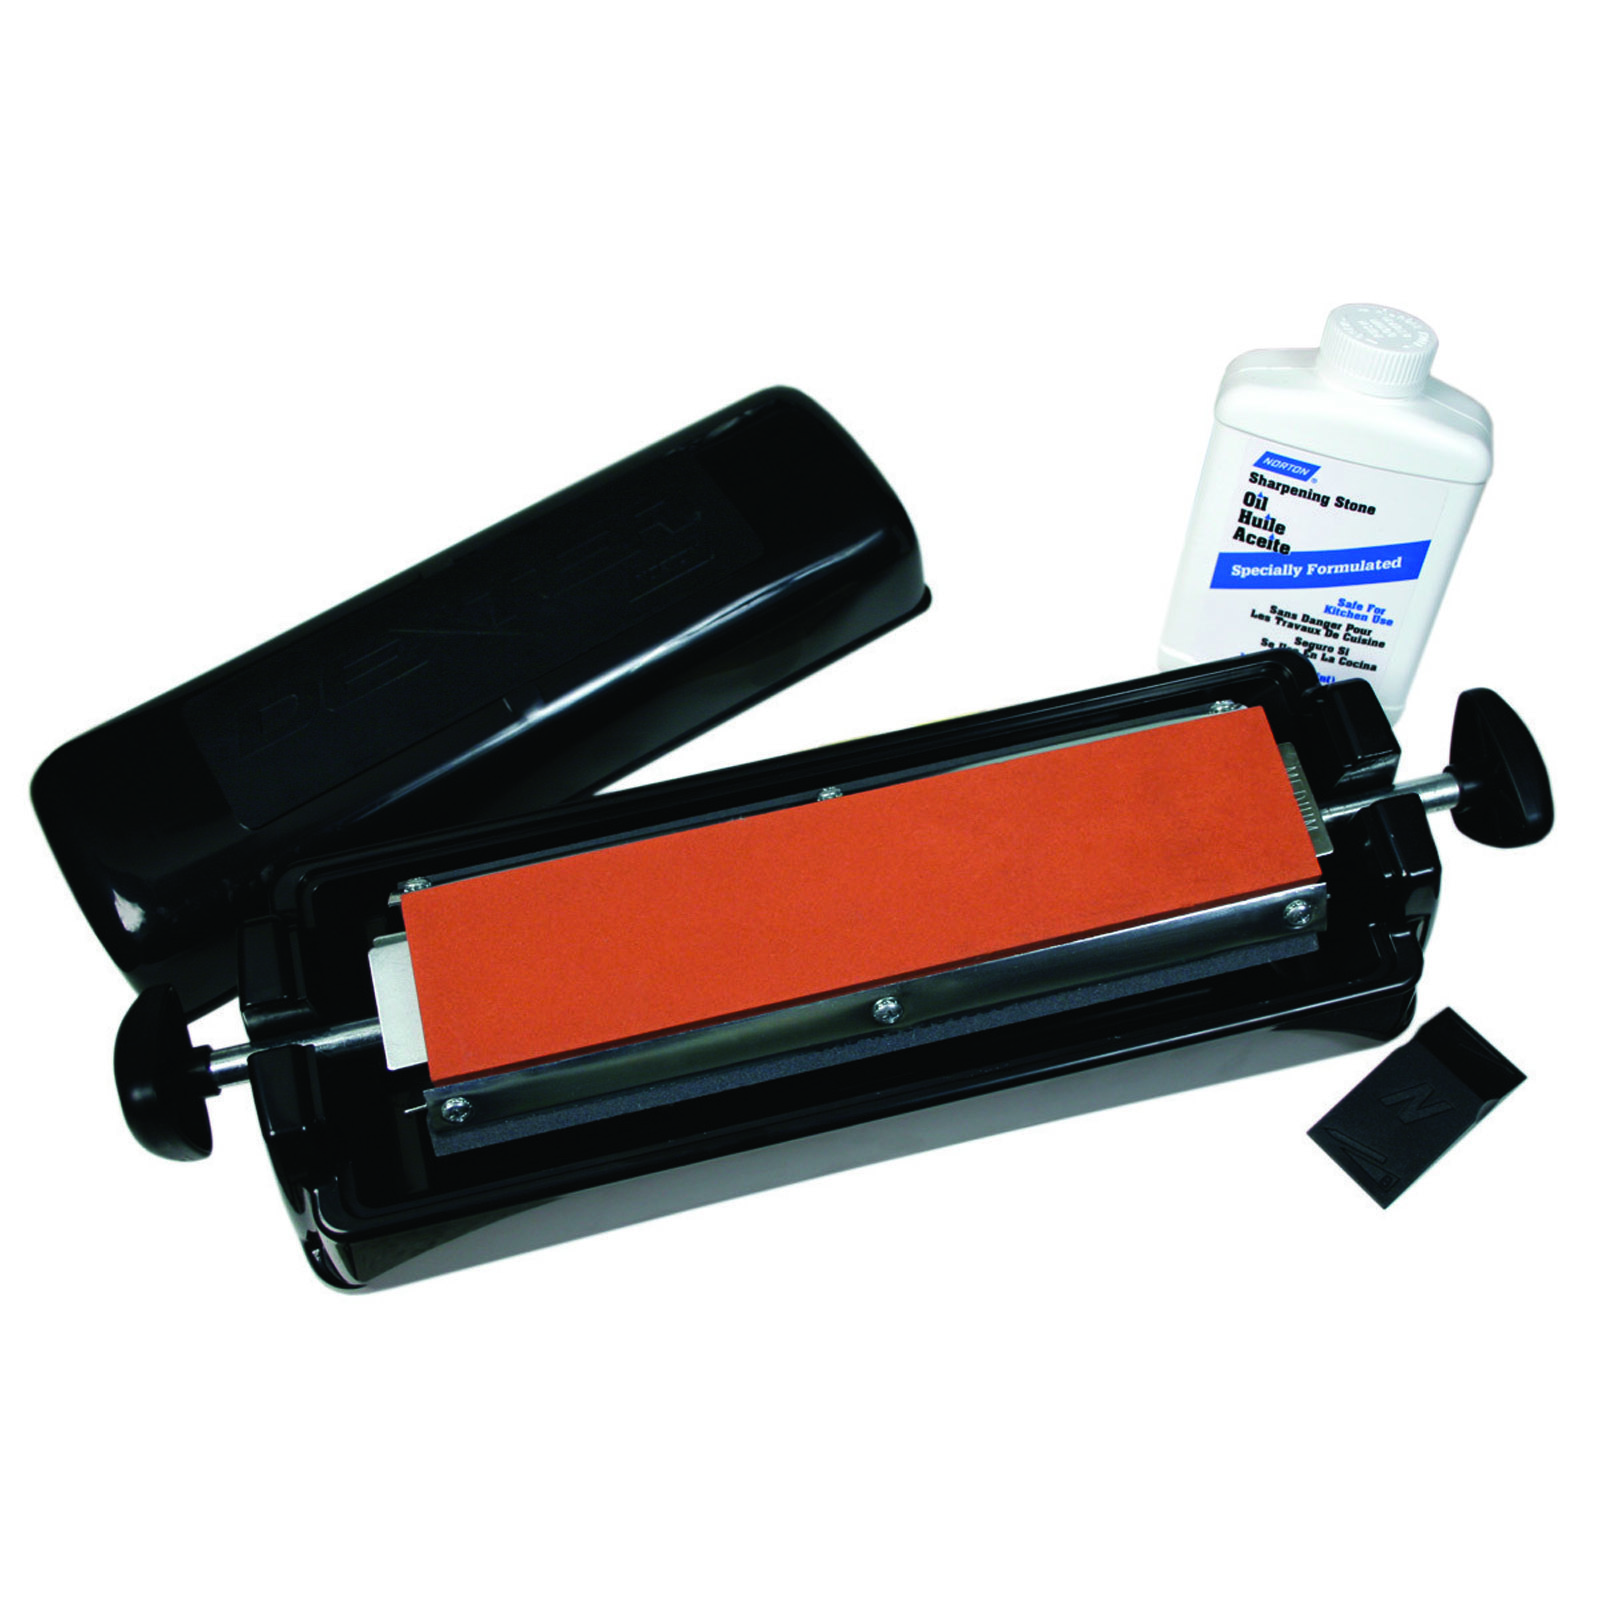 Dexter Russell EDGE-15 knife, sharpener honing system